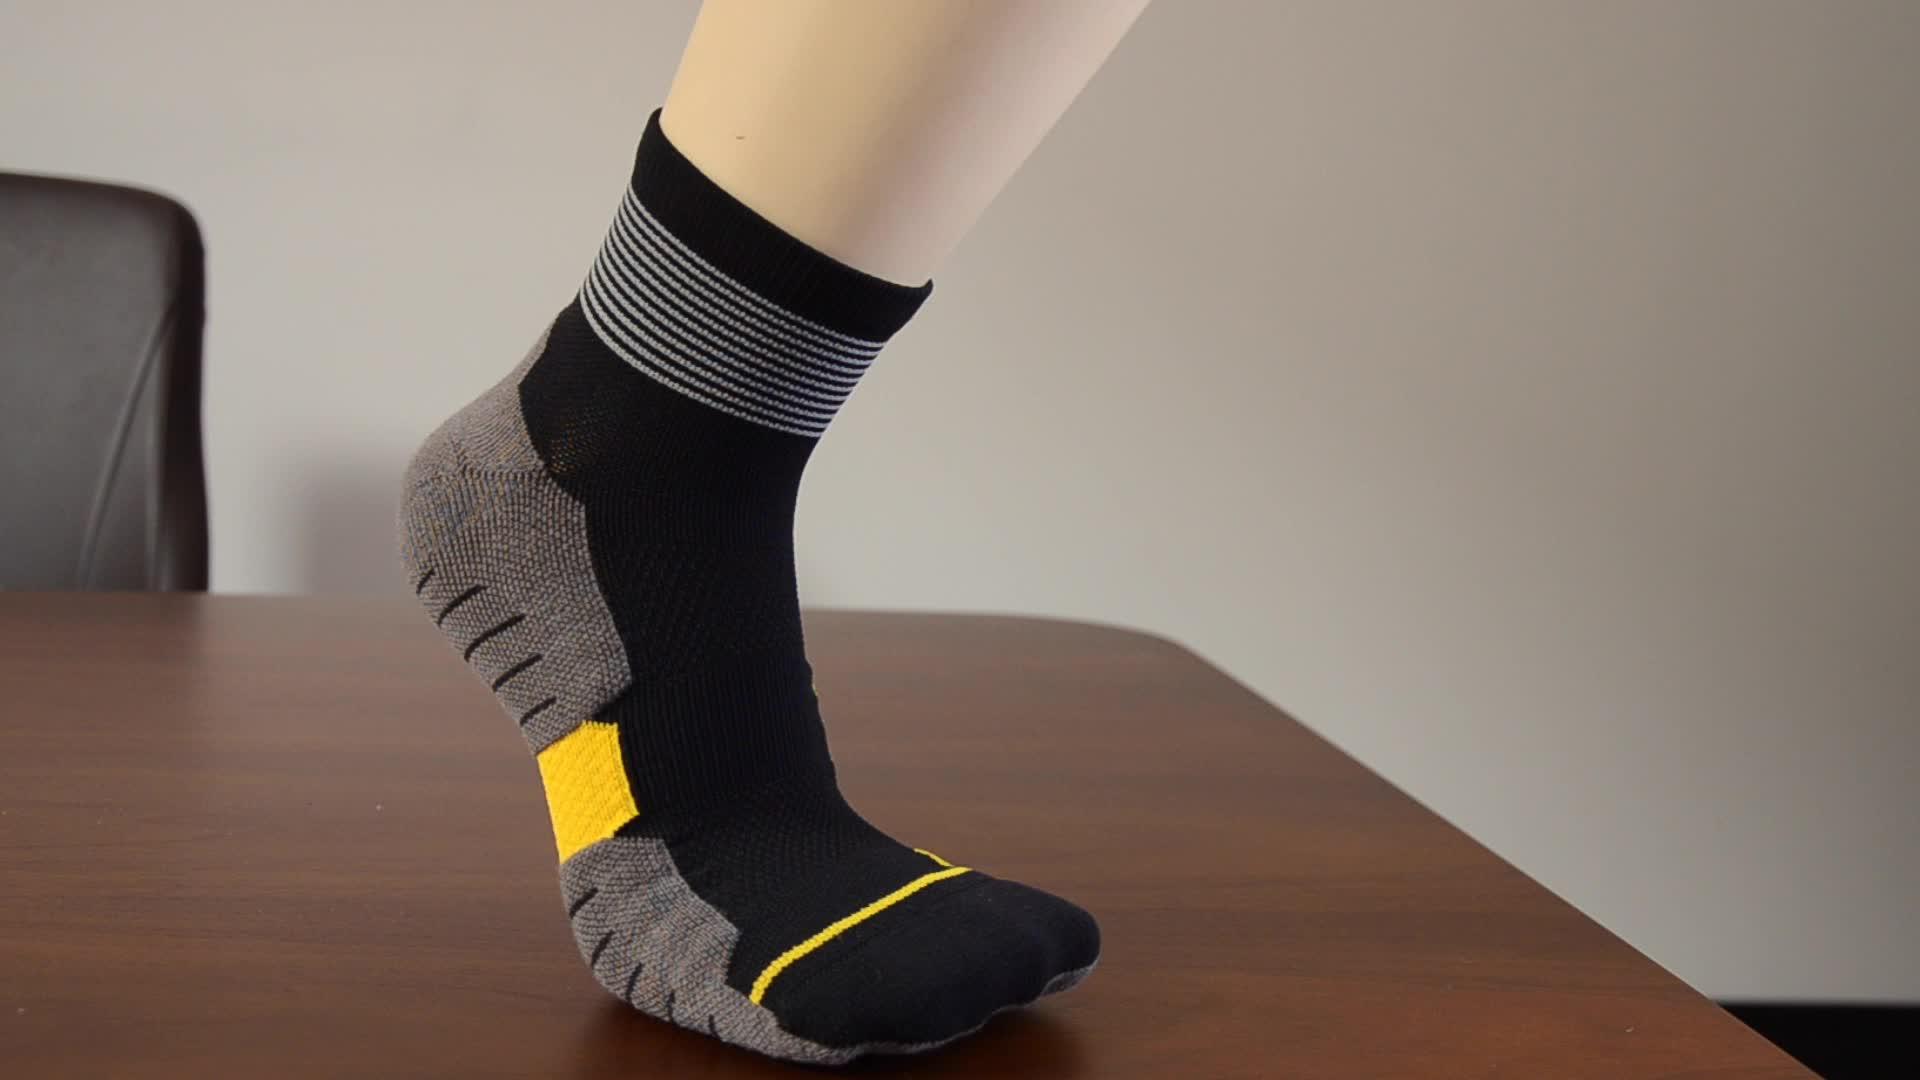 Nouveau 2019 chaussettes de cheville de Compression de course faites sur commande de Sports de coton des hommes